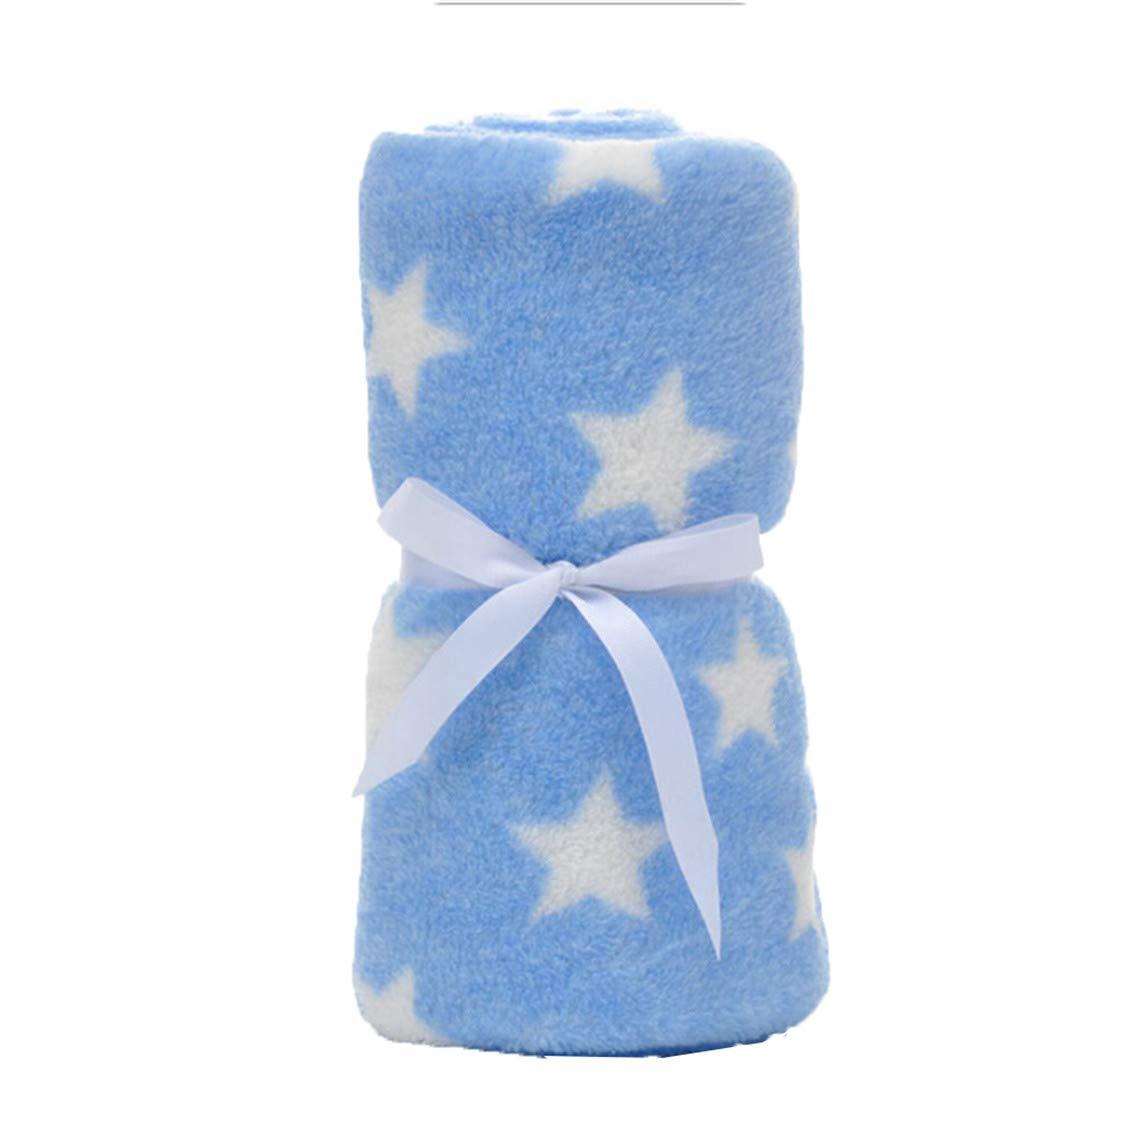 Idiytip Babydecken Neugeborenen Cartoon Weiche Decke Korallen Fleece Swaddle Wrap Bettw/äsche Set F/ür Kinder Blaue Streifen